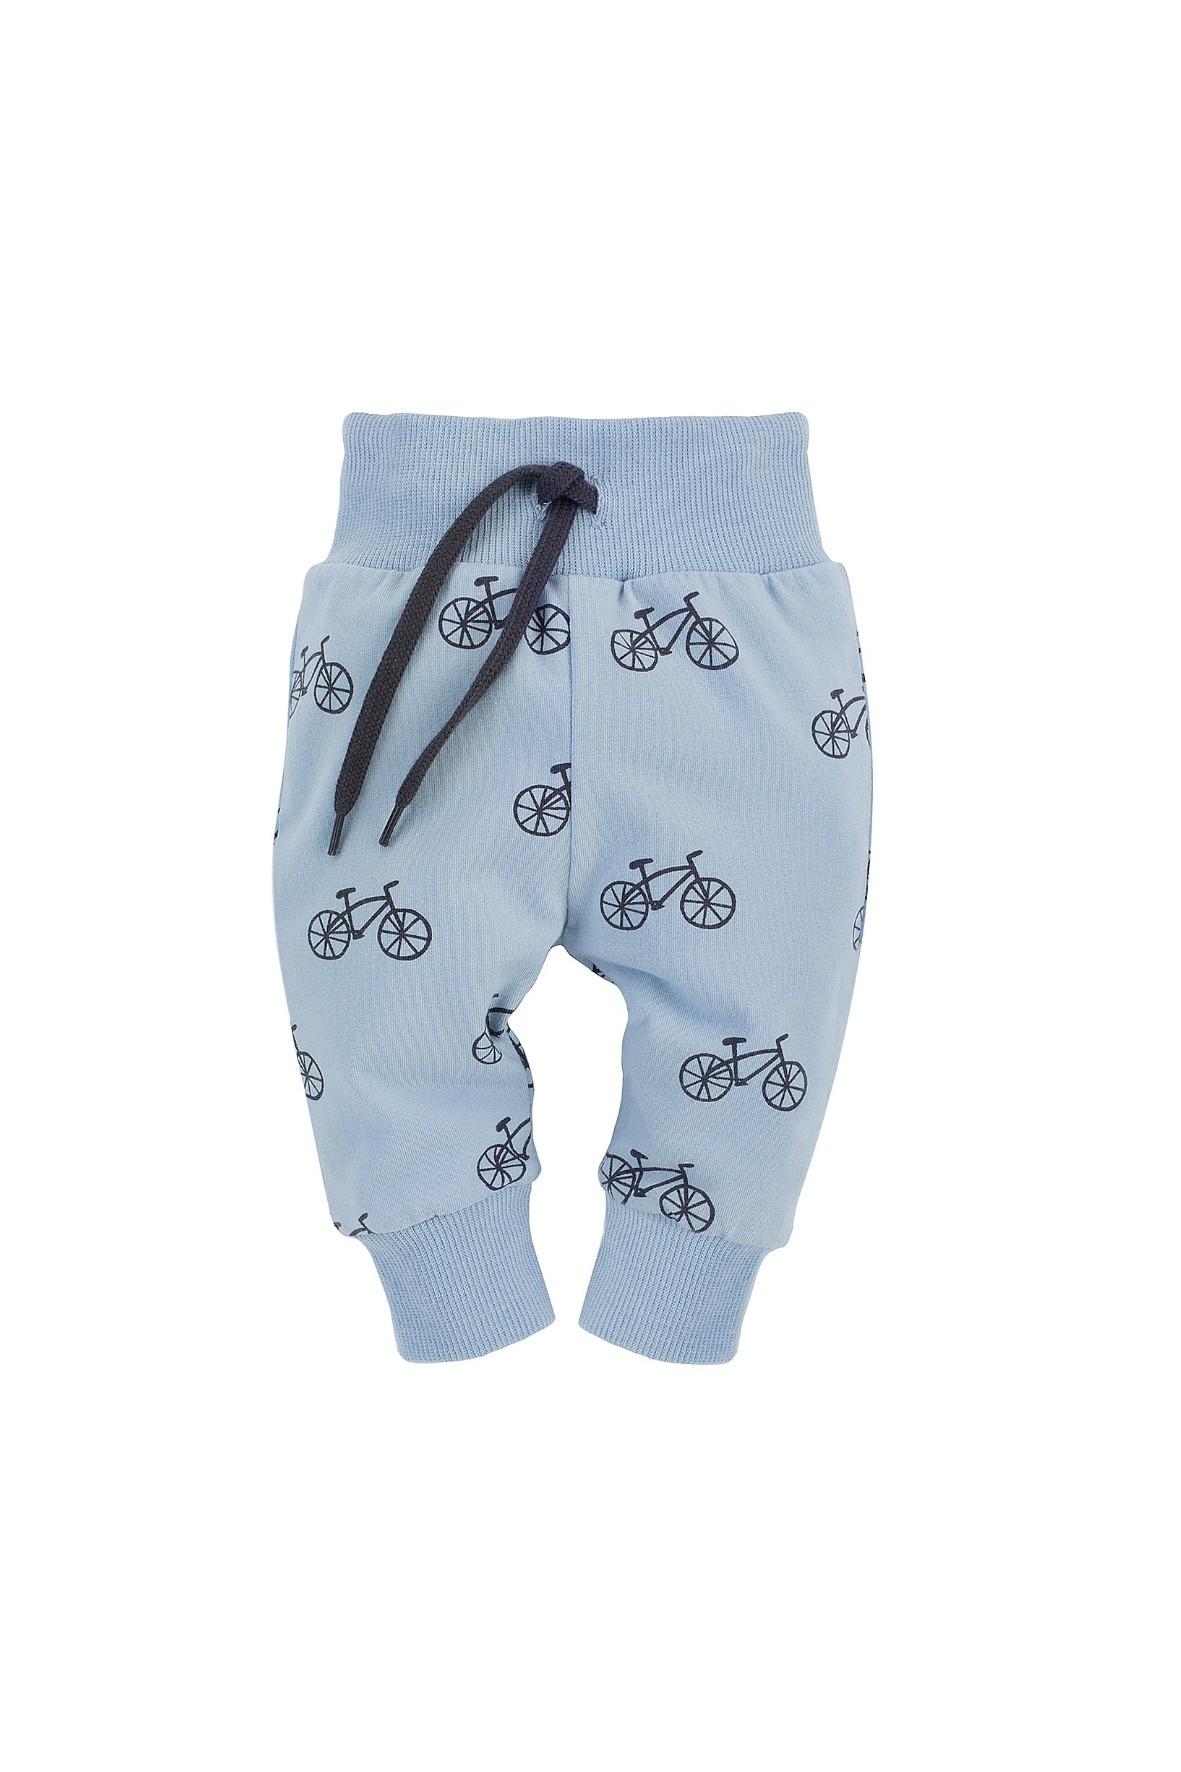 Spodnie dresowe chłopięce w rowerki w kolorze niebieskim